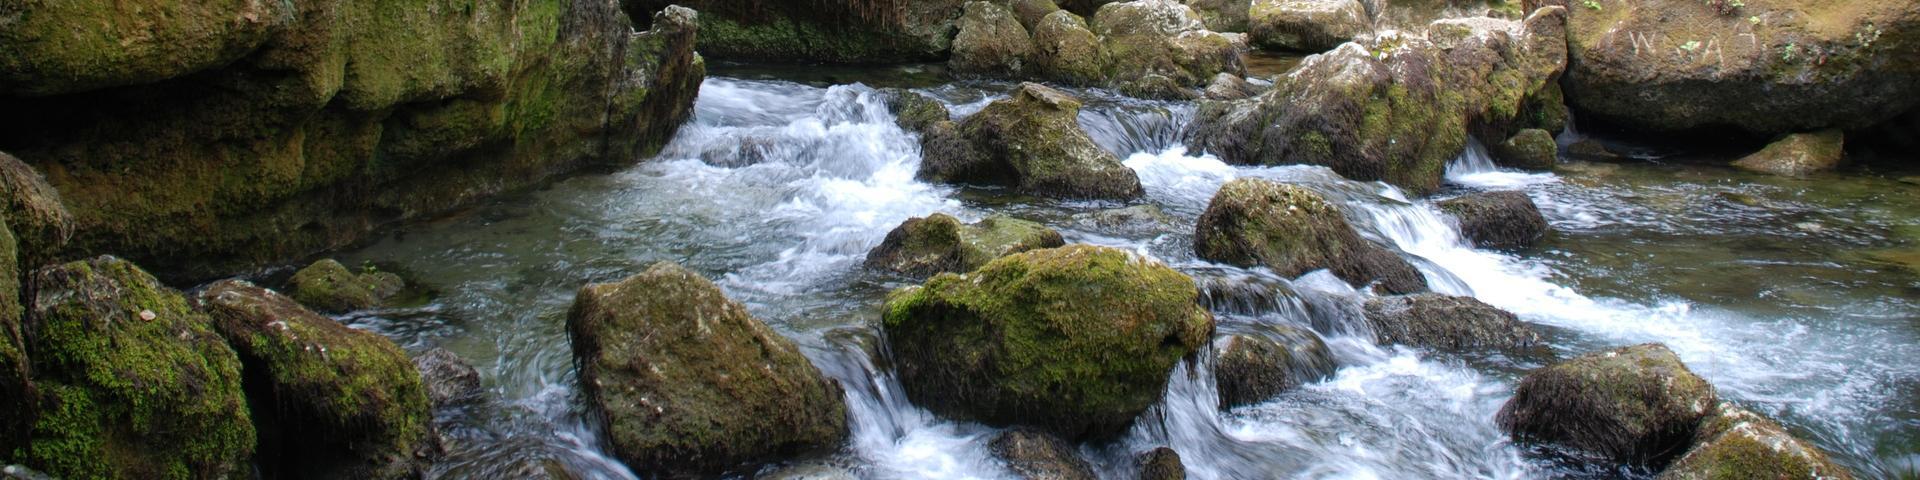 Griffon ou source latérale, Fontaine de Vaucluse